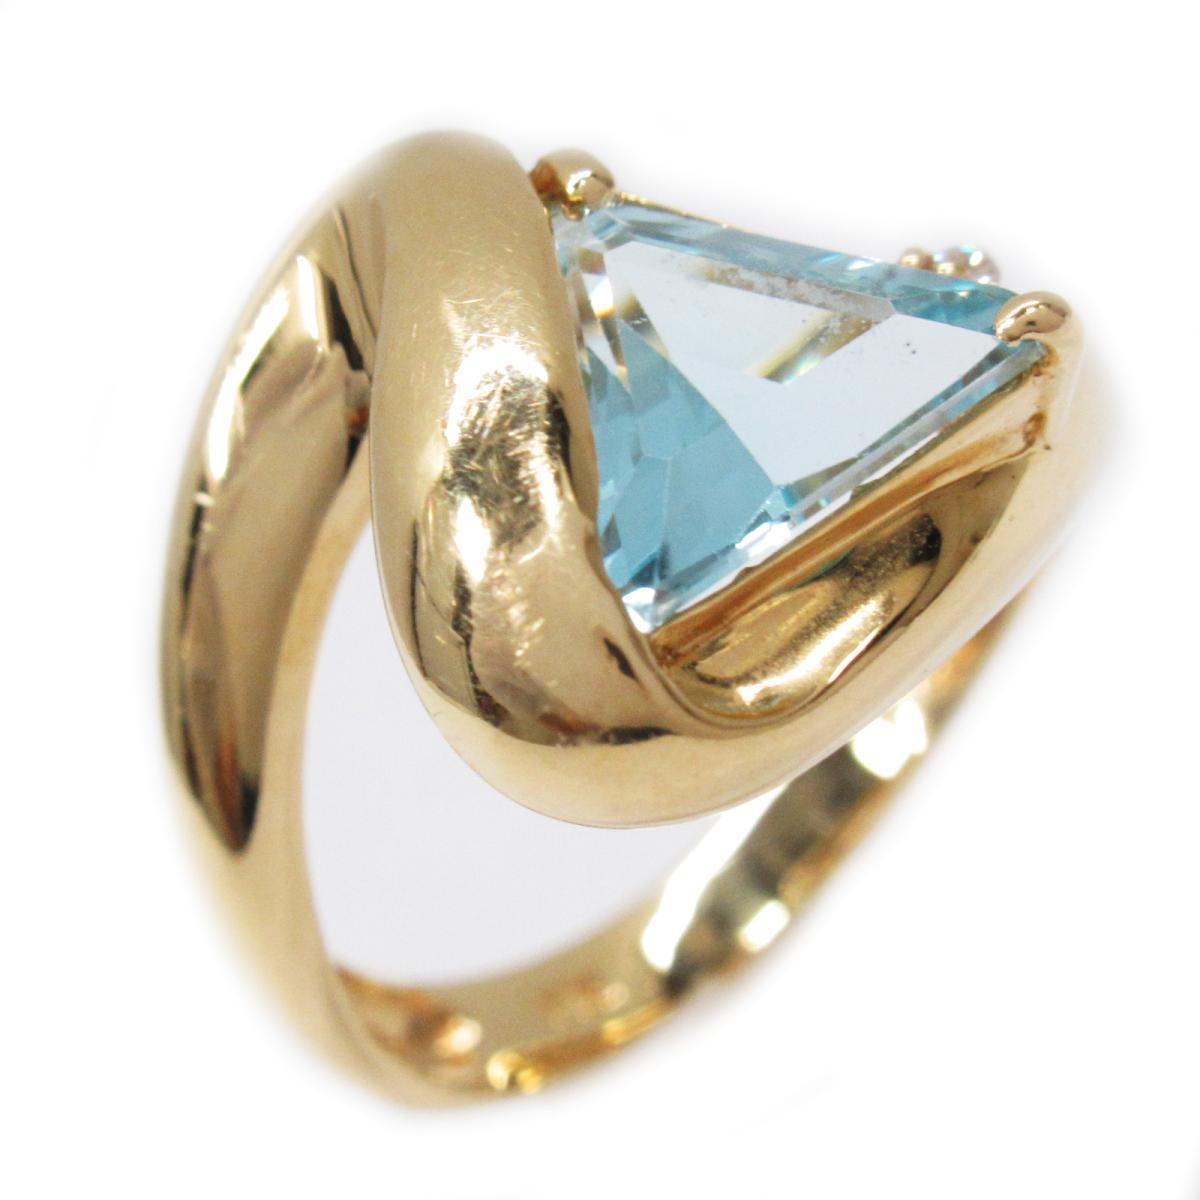 ジュエリー ブルートパーズリング 指輪 ノーブランドジュエリー レディース K18YG (750) イエローゴールドxブルートパーズ (石目なし) ブルーxゴールド 【中古】 | ブランド